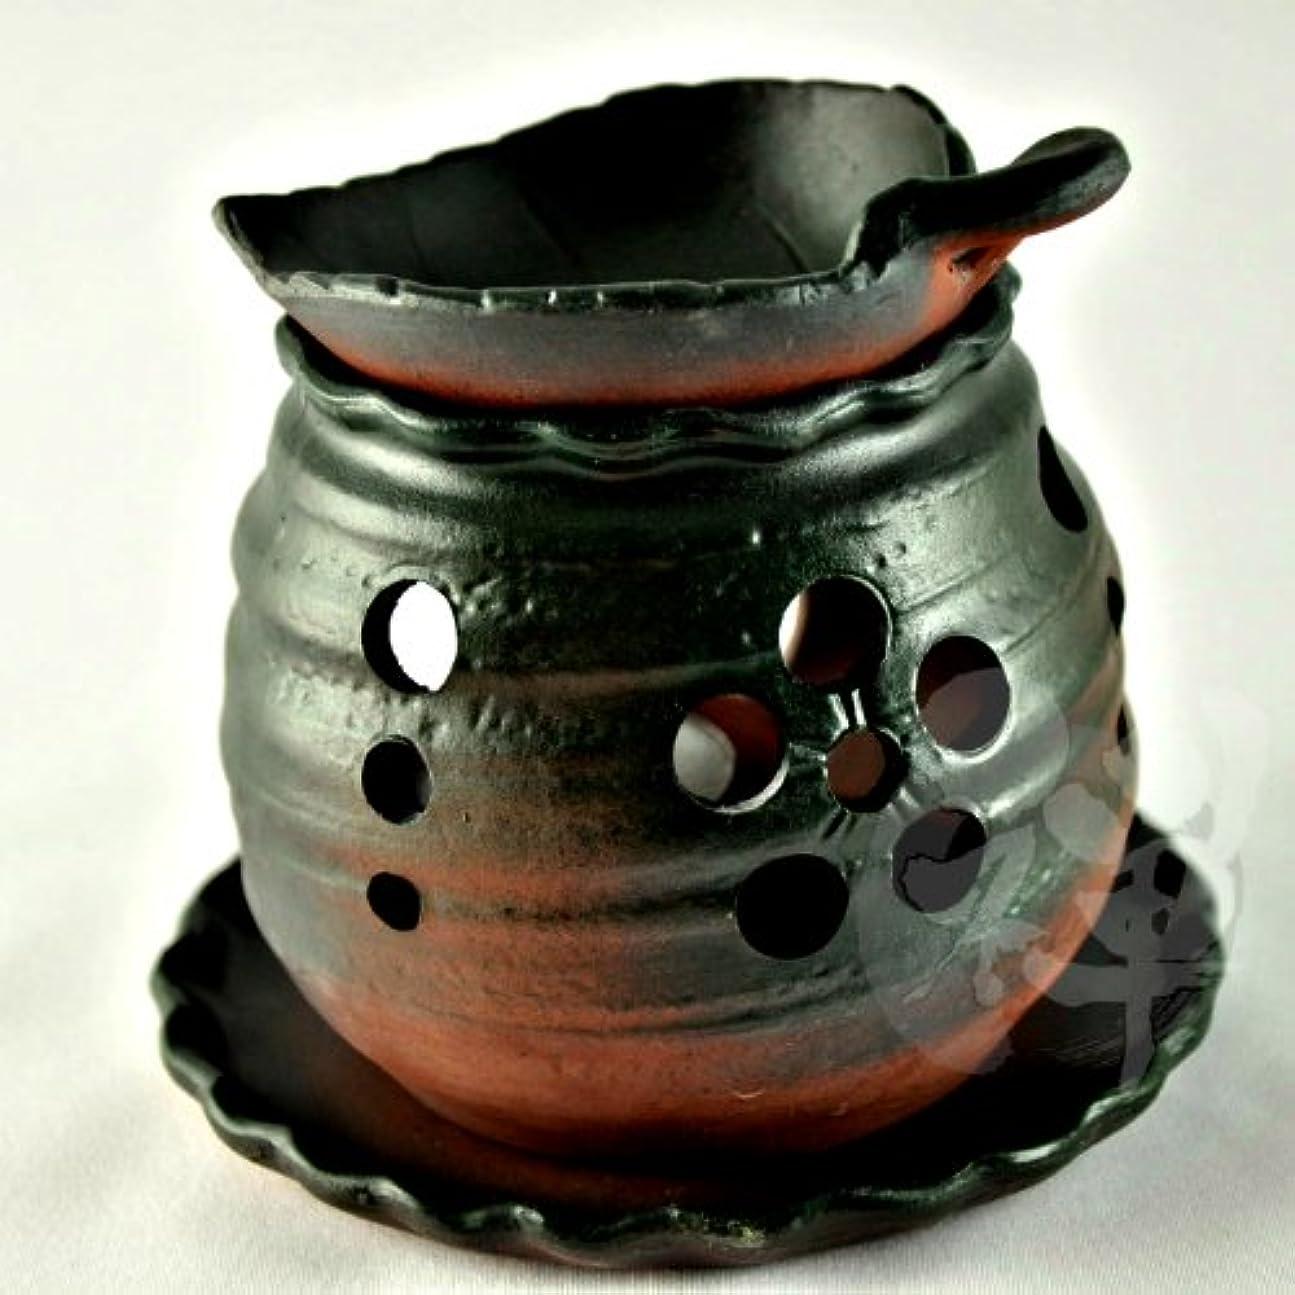 常滑焼 ゆとり 茶香炉 13.2*11.5cm[2989]